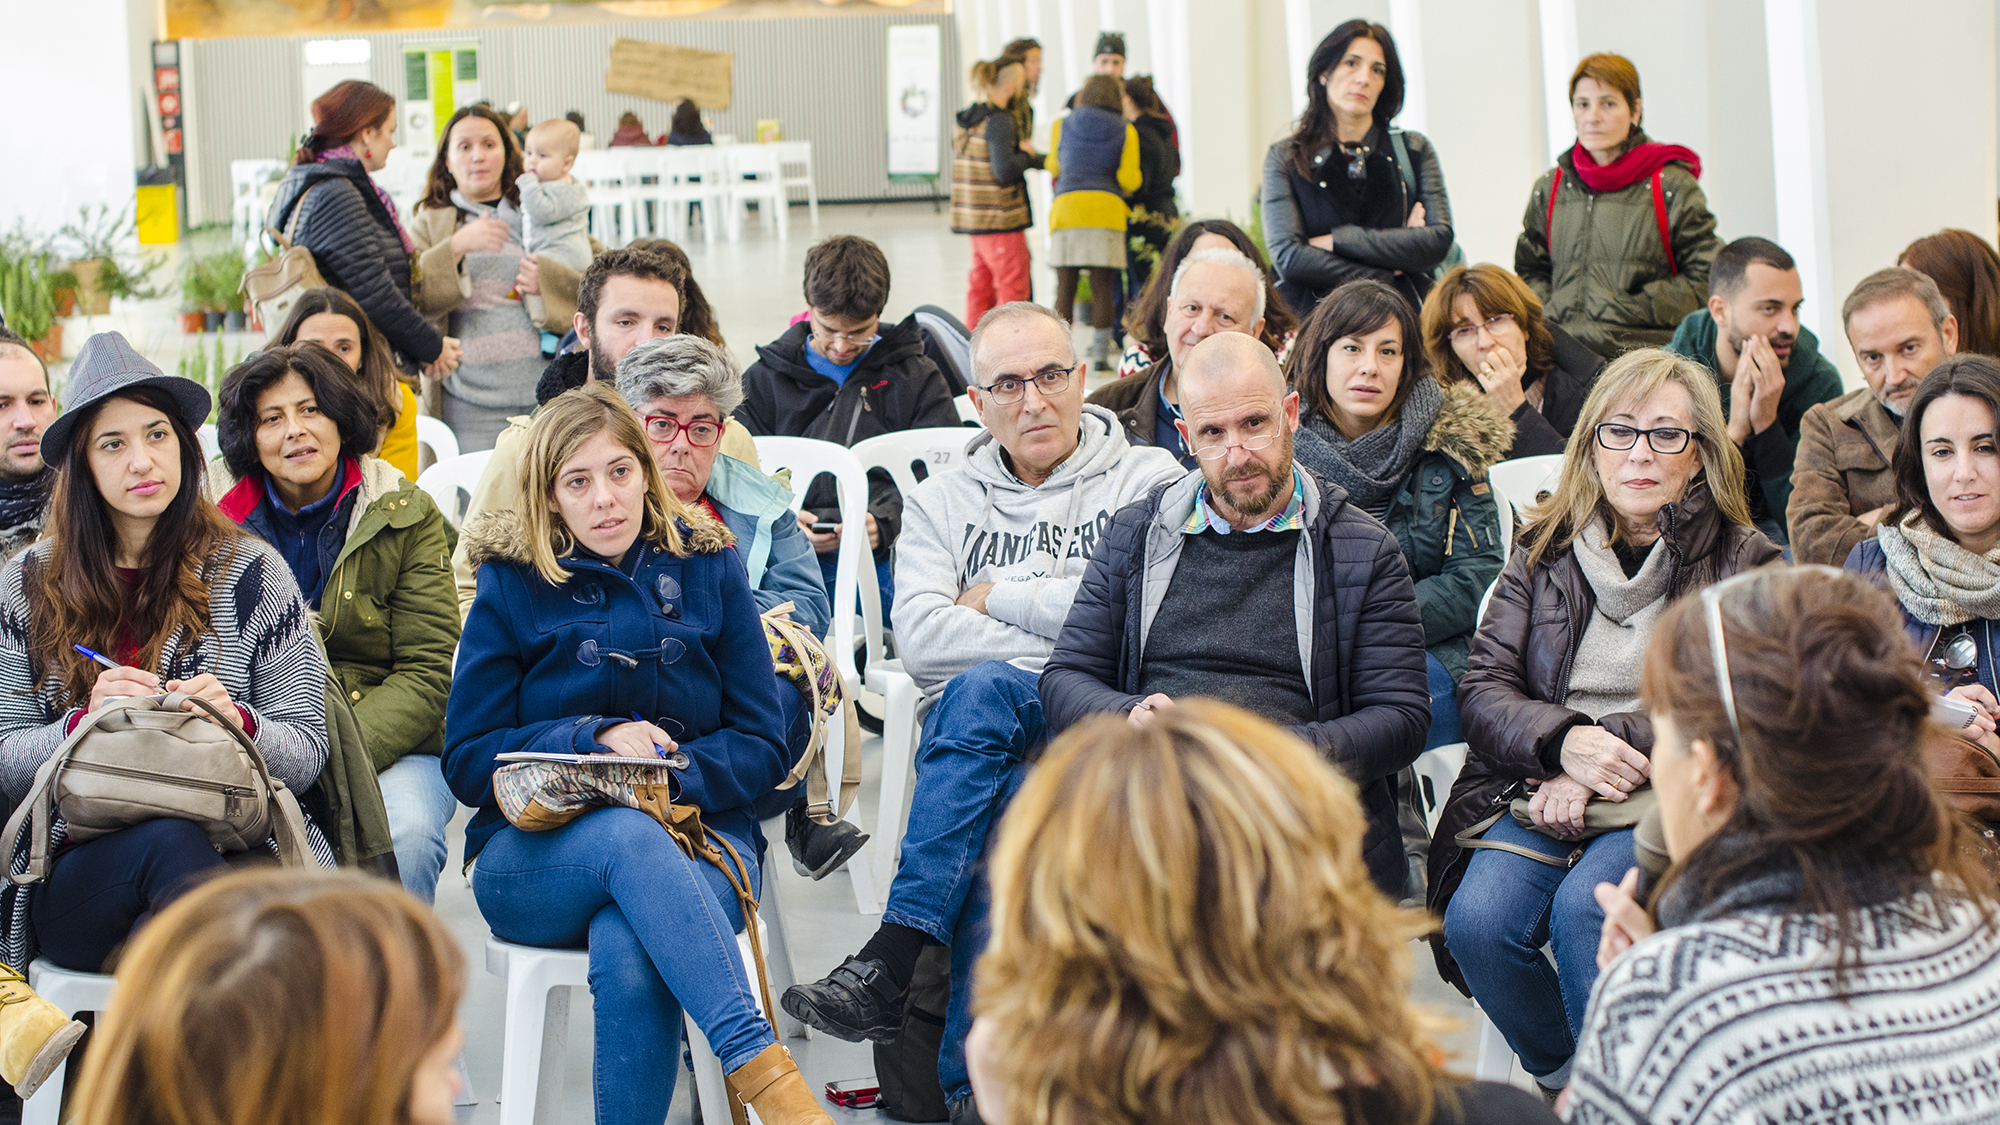 Photographie pour l'événement de l'économie solidaire à Alicante Redémarrer le système Alacant Desperta.